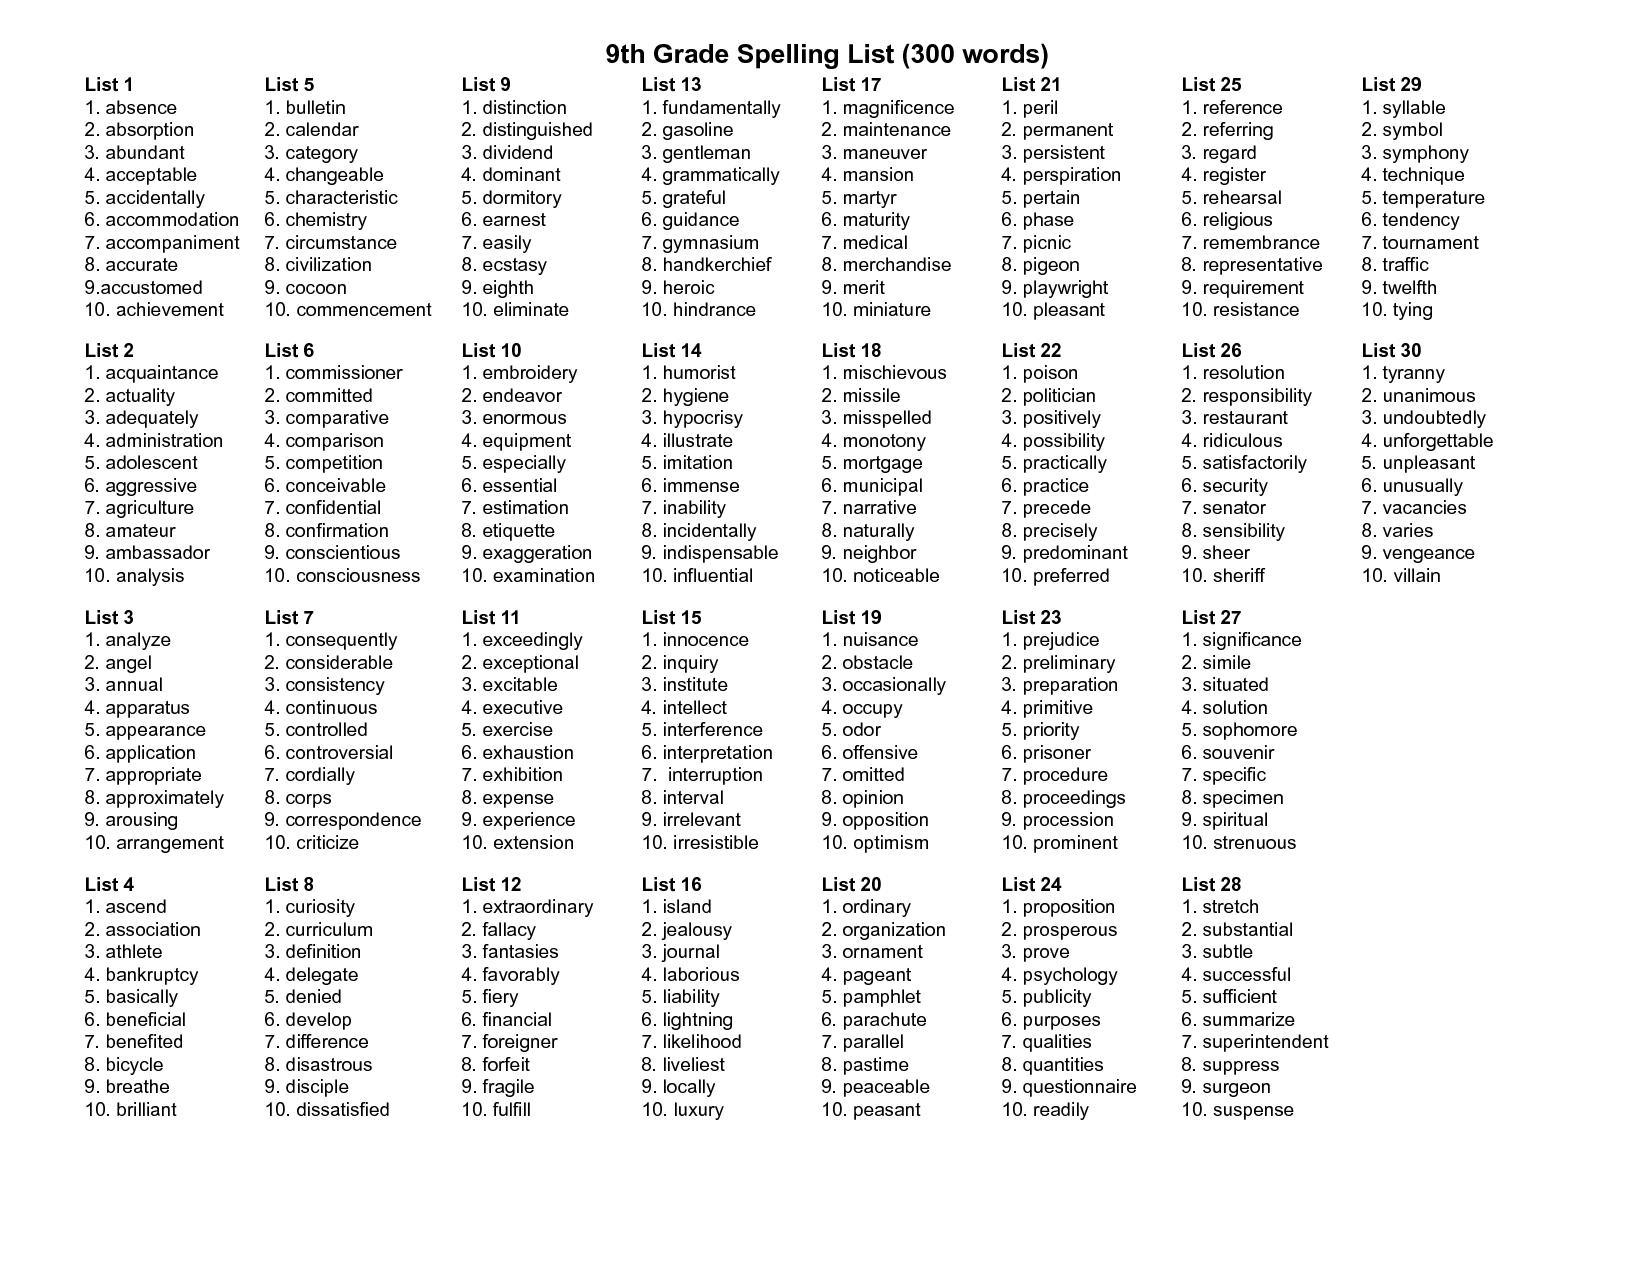 9th Grade Spelling List 300 Words